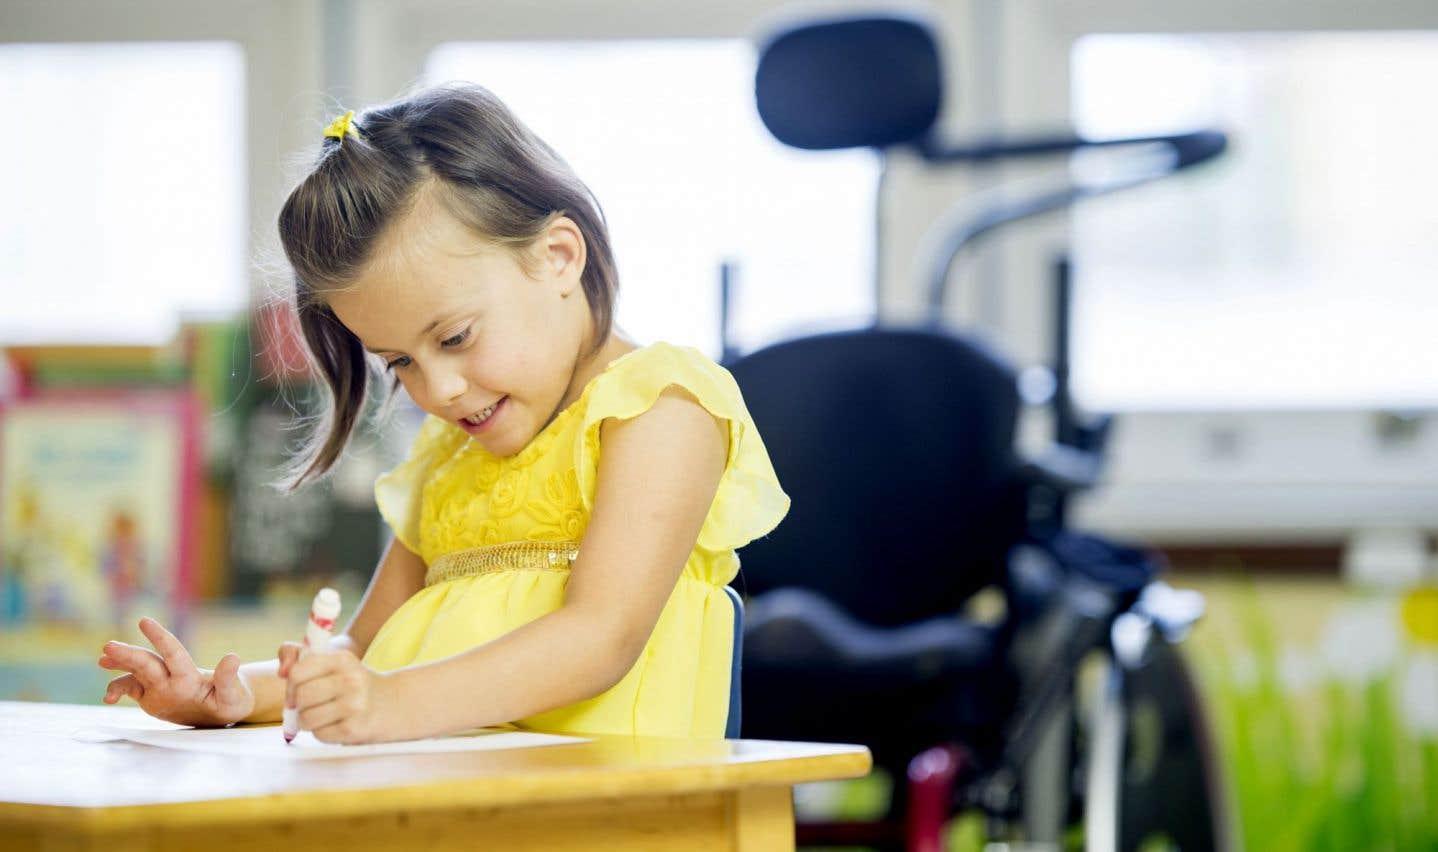 L'essentiel des requêtes reçues par la Commission des droits de la personne et des droits de la jeunesse concerne des motifs de handicap.